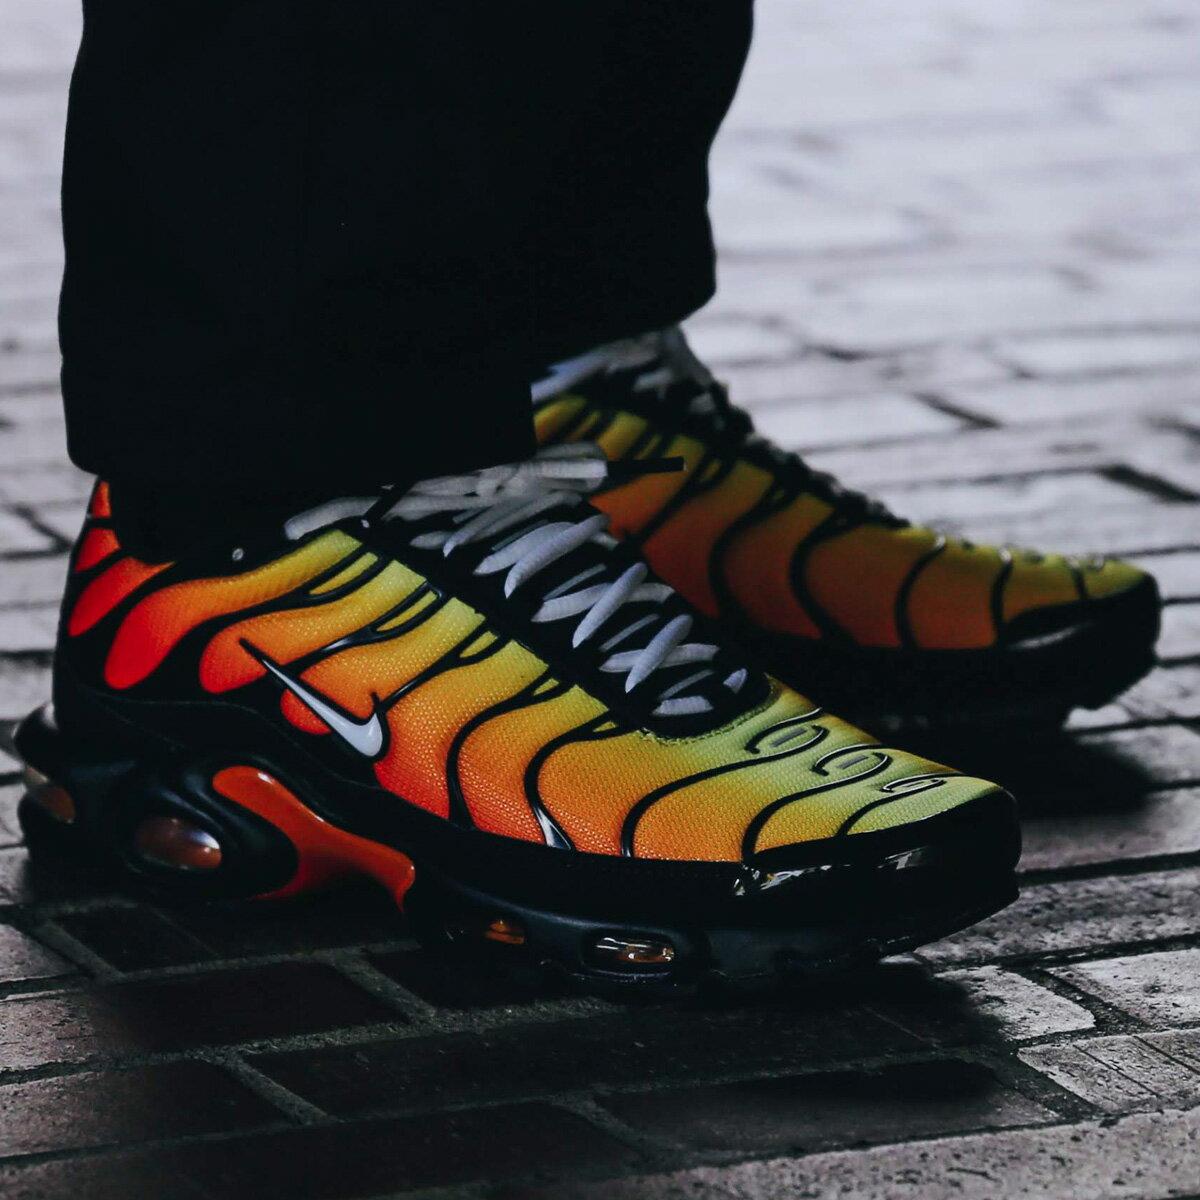 メンズ靴, スニーカー NIKE AIR MAX PLUS( )BLACKWHITE-PURE PLATINUM-HABANERO RED 19FA-I